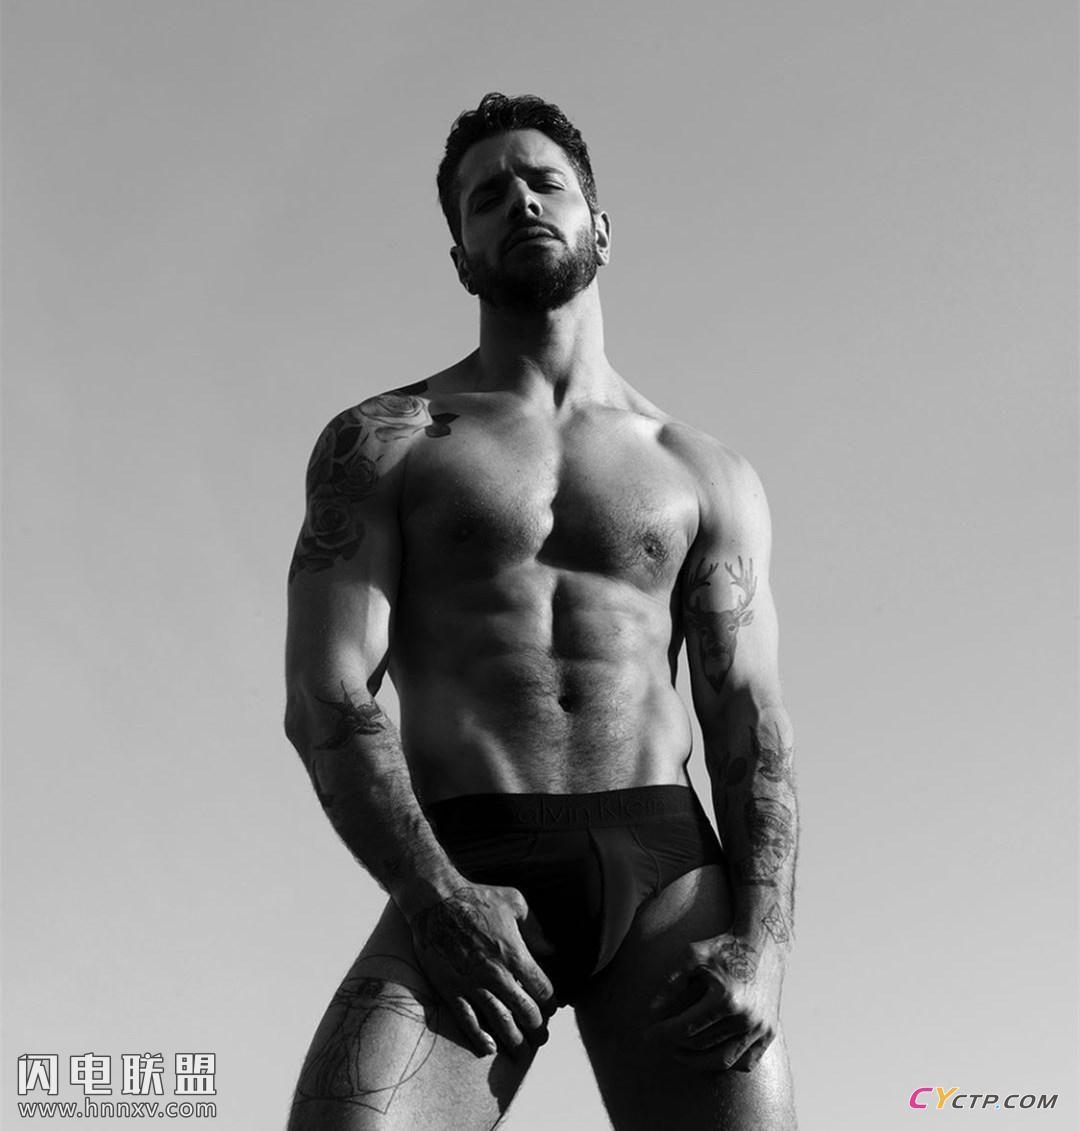 欧美肌肉男模上半身裸体图片第1张